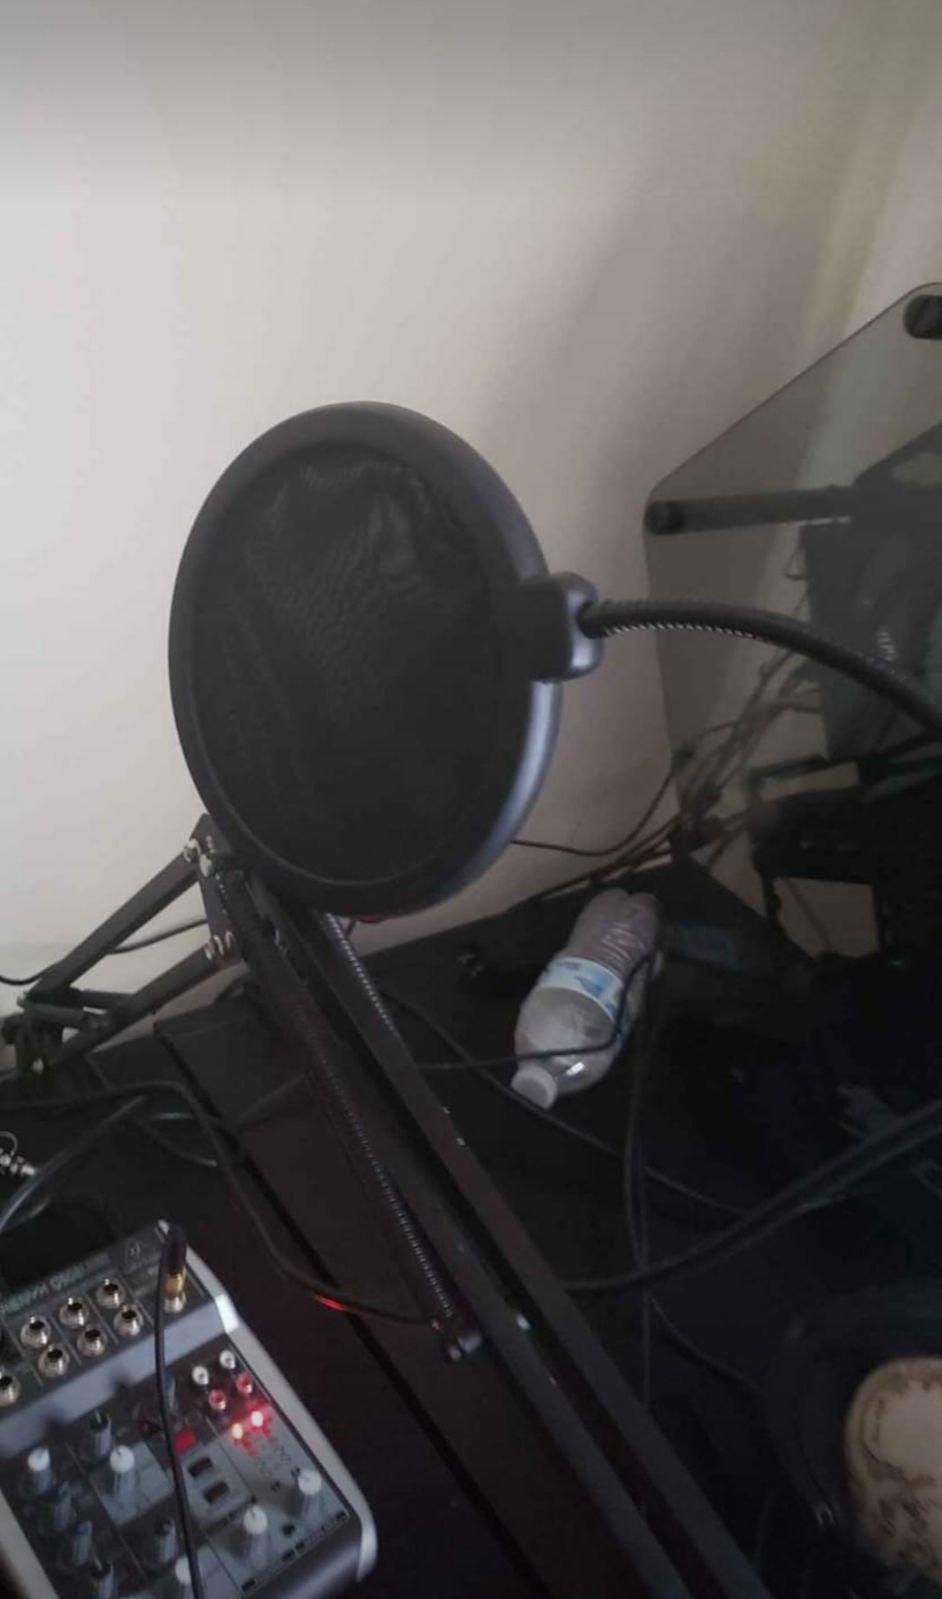 Gaming stuido mic and audio mixer